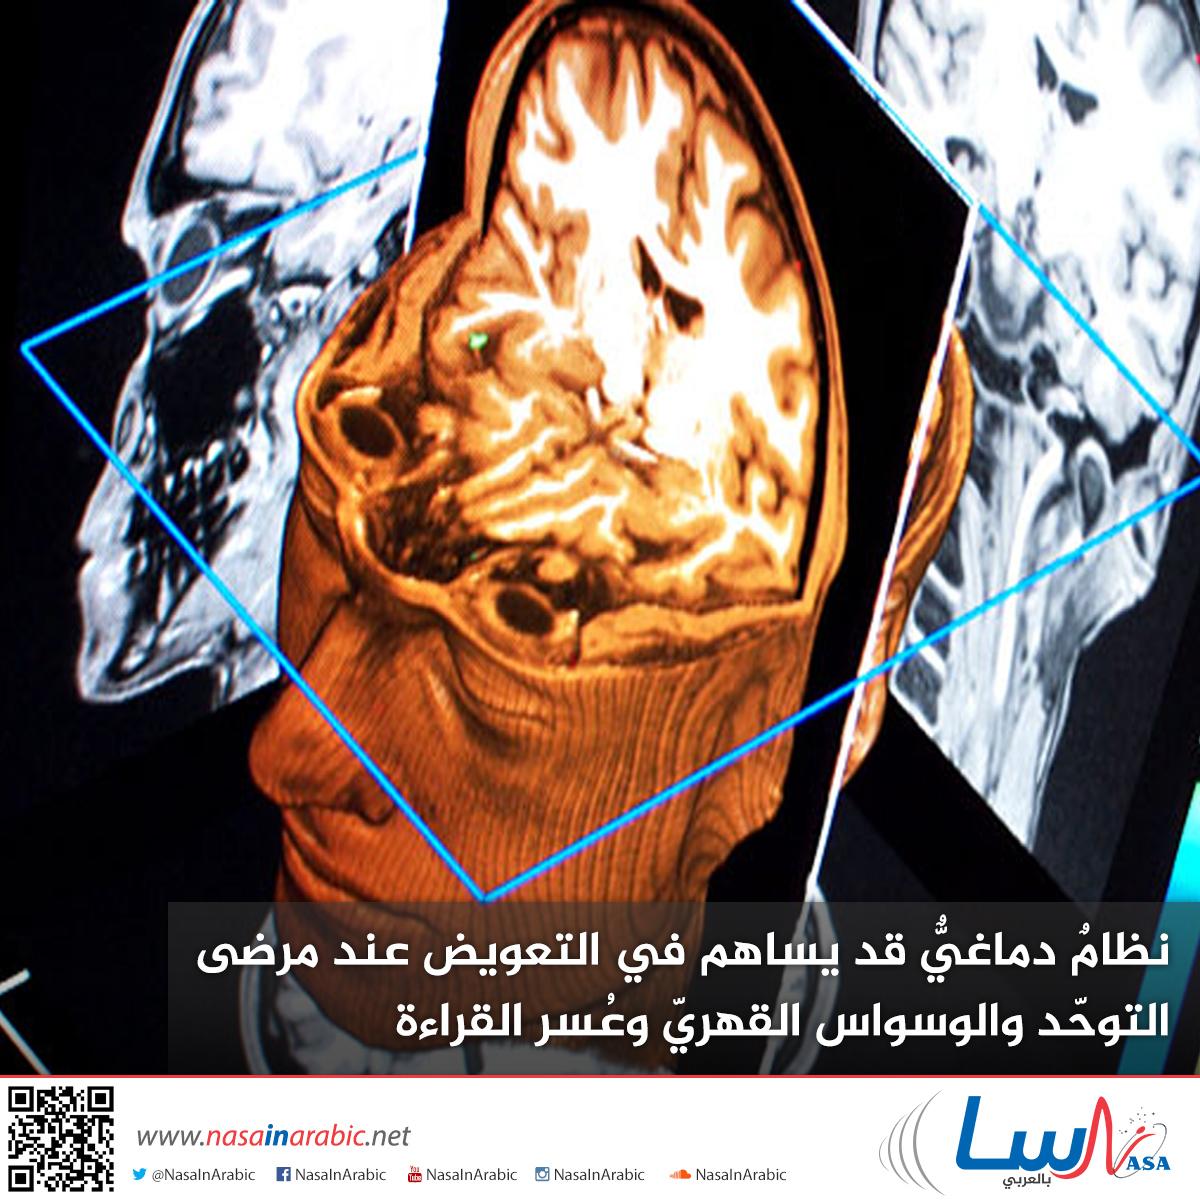 نظامٌ دماغيٌّ قد يساهم في التعويض عند مرضى التوحّد والوسواس القهريّ وعُسر القراءة